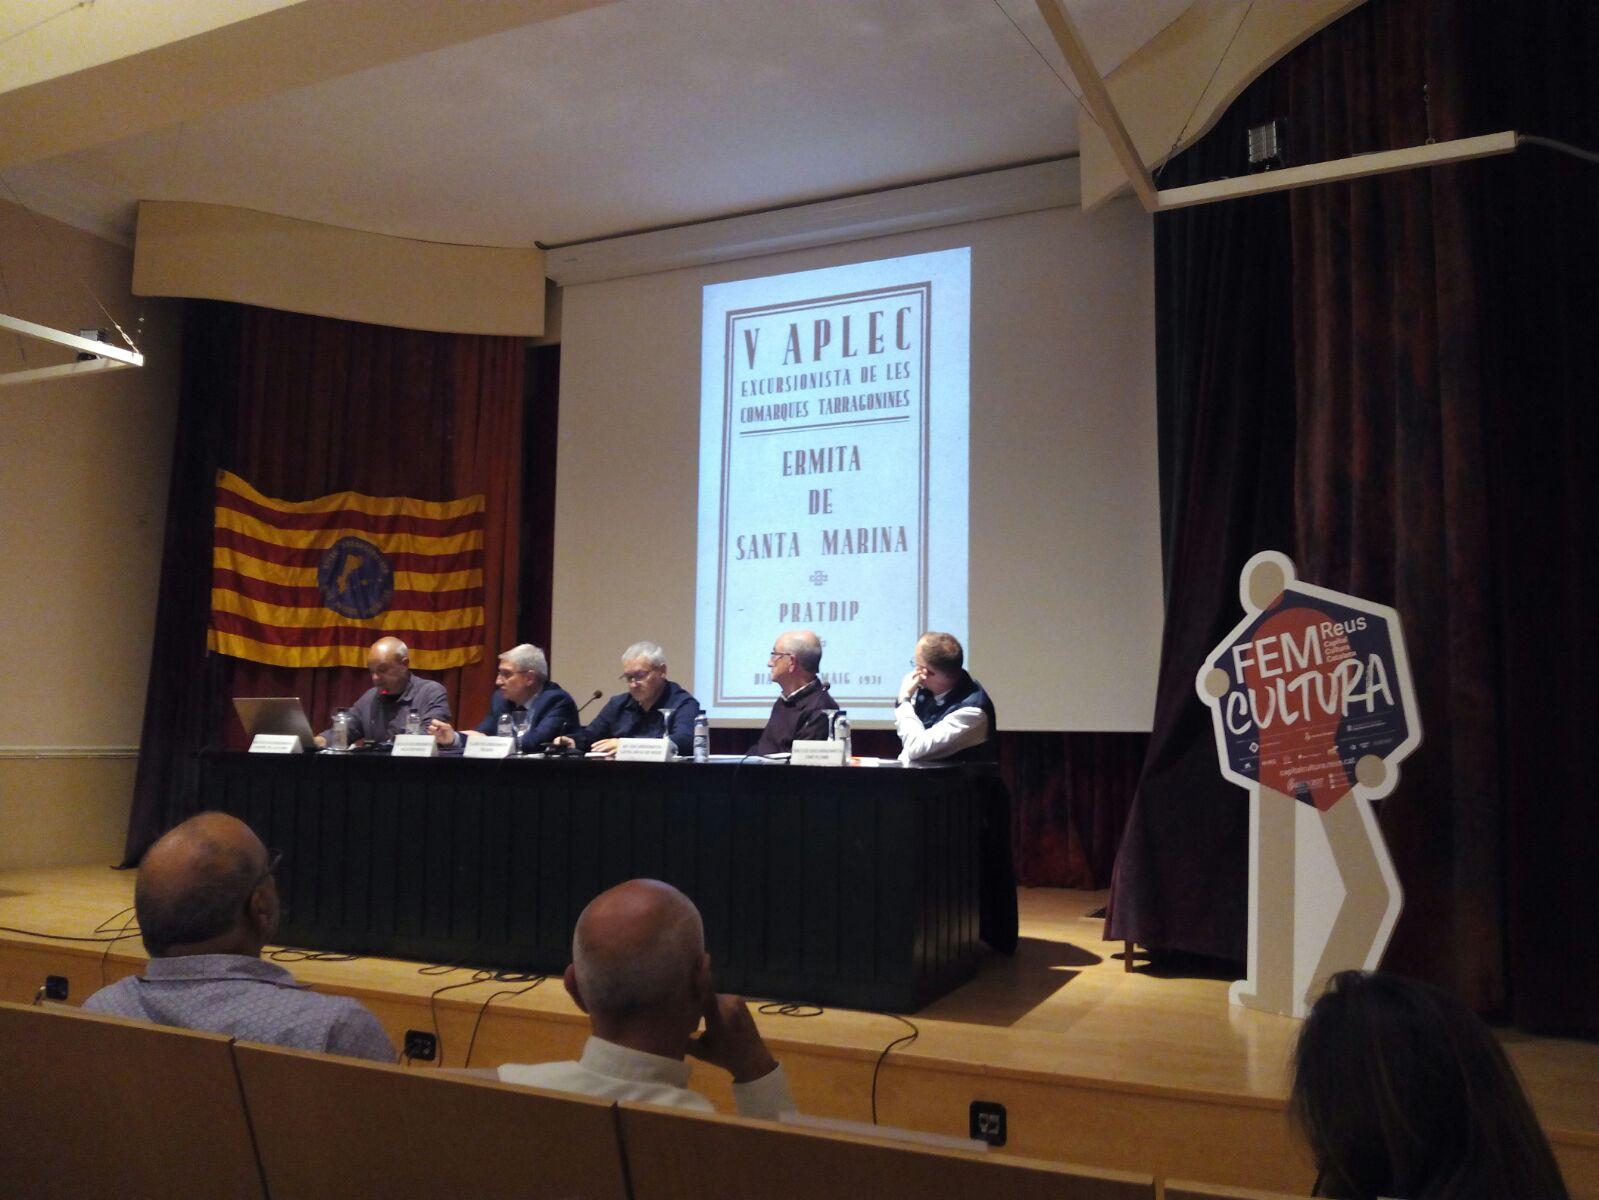 La 41a edició de l'Aplec Excursionista dels Països Catalans es celebrarà del 6 al 10 de desembre i tindrà a la ciutat de Reus com a epicentre